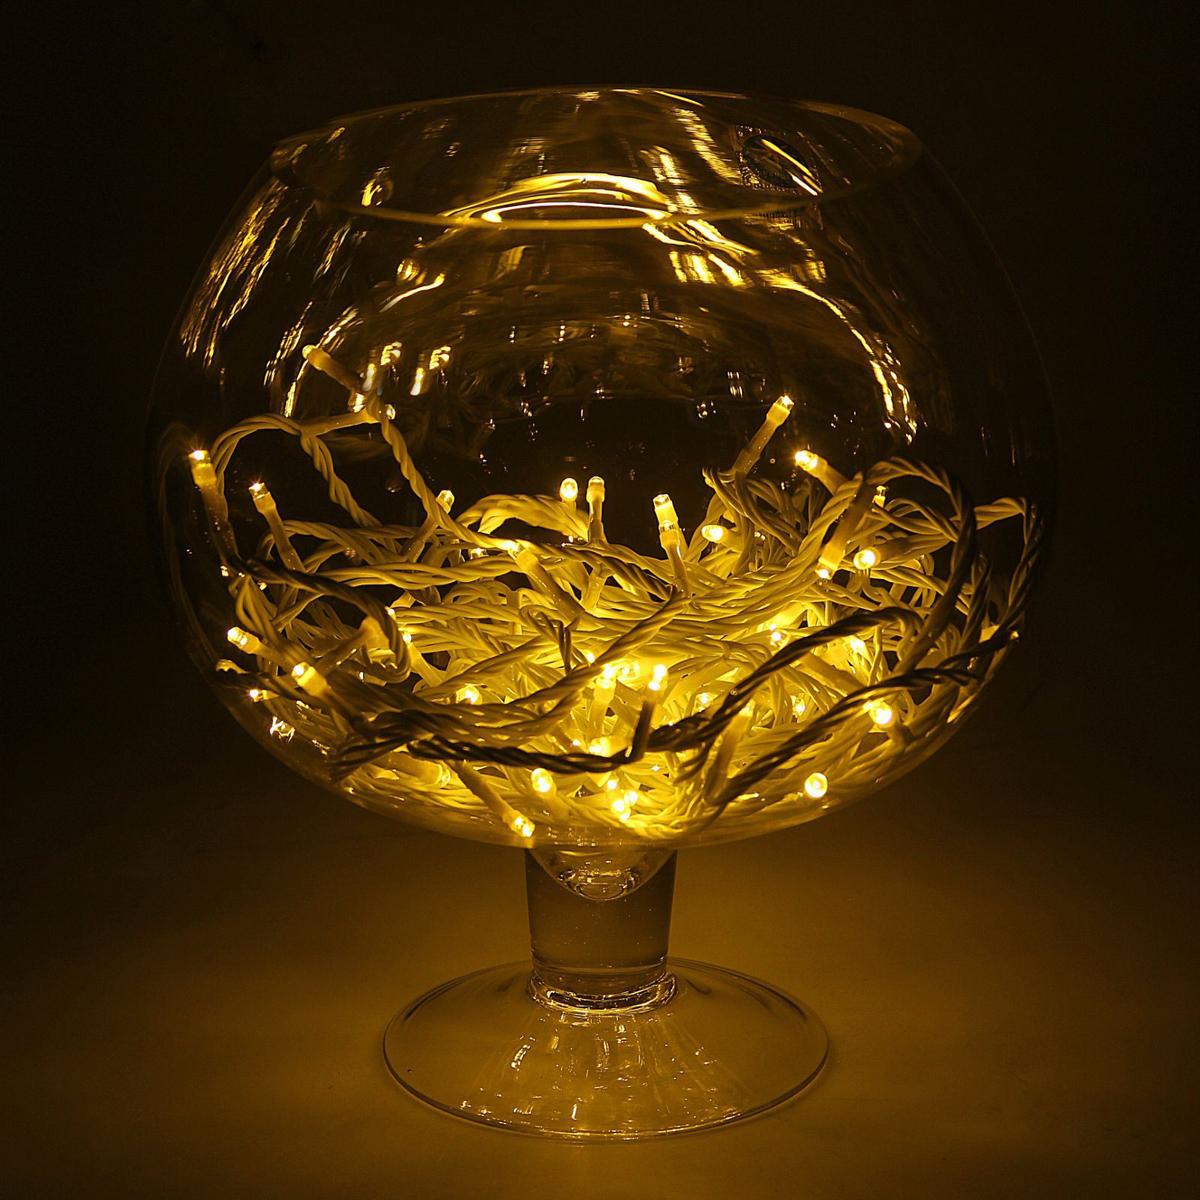 Гирлянда Luazon Метраж, длина 10 м, LED 100 ламп, 24В, цвет: желтый. 1672043 гирлянда luazon спайдер led 600 24в 20m multicolor 1586037